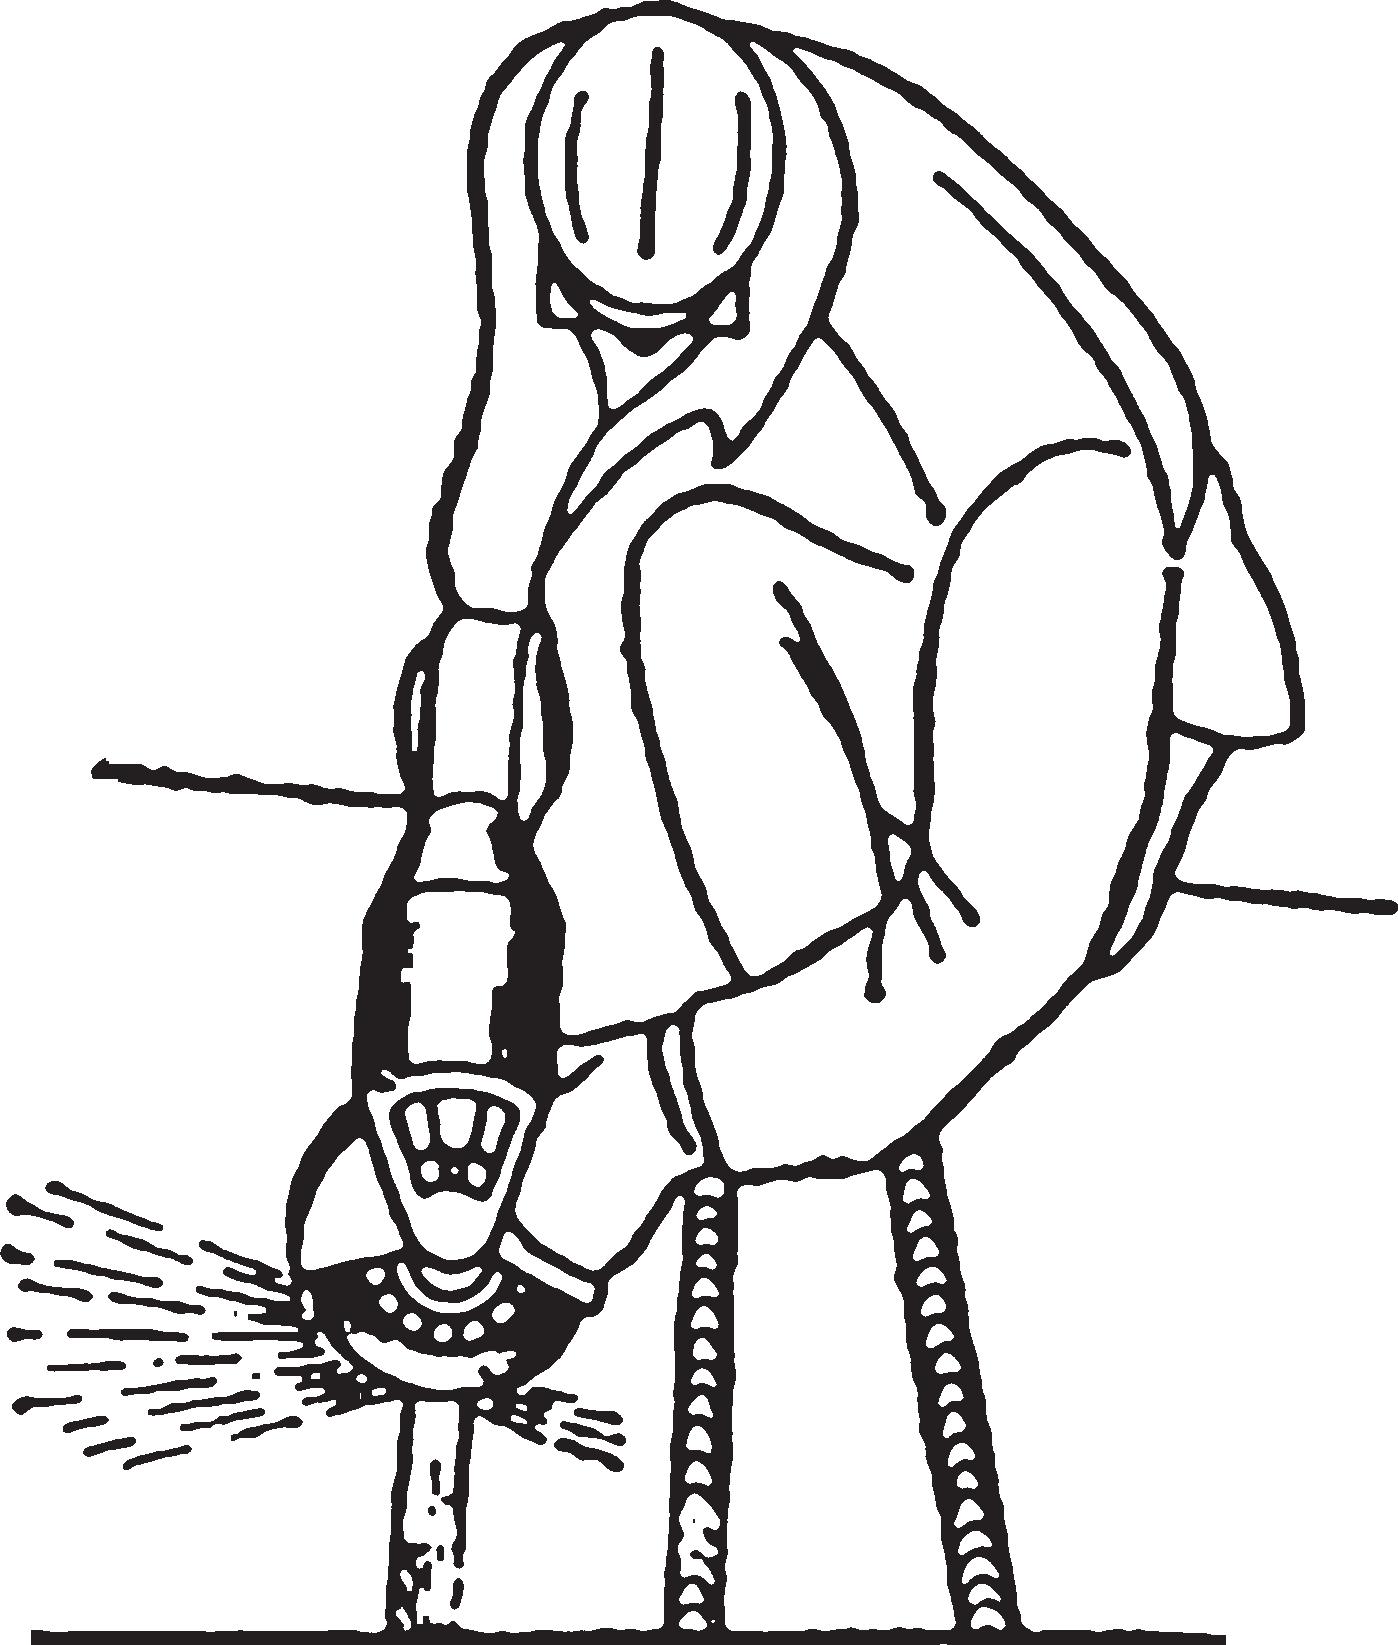 Положение рабочего при зачистке сварного шва